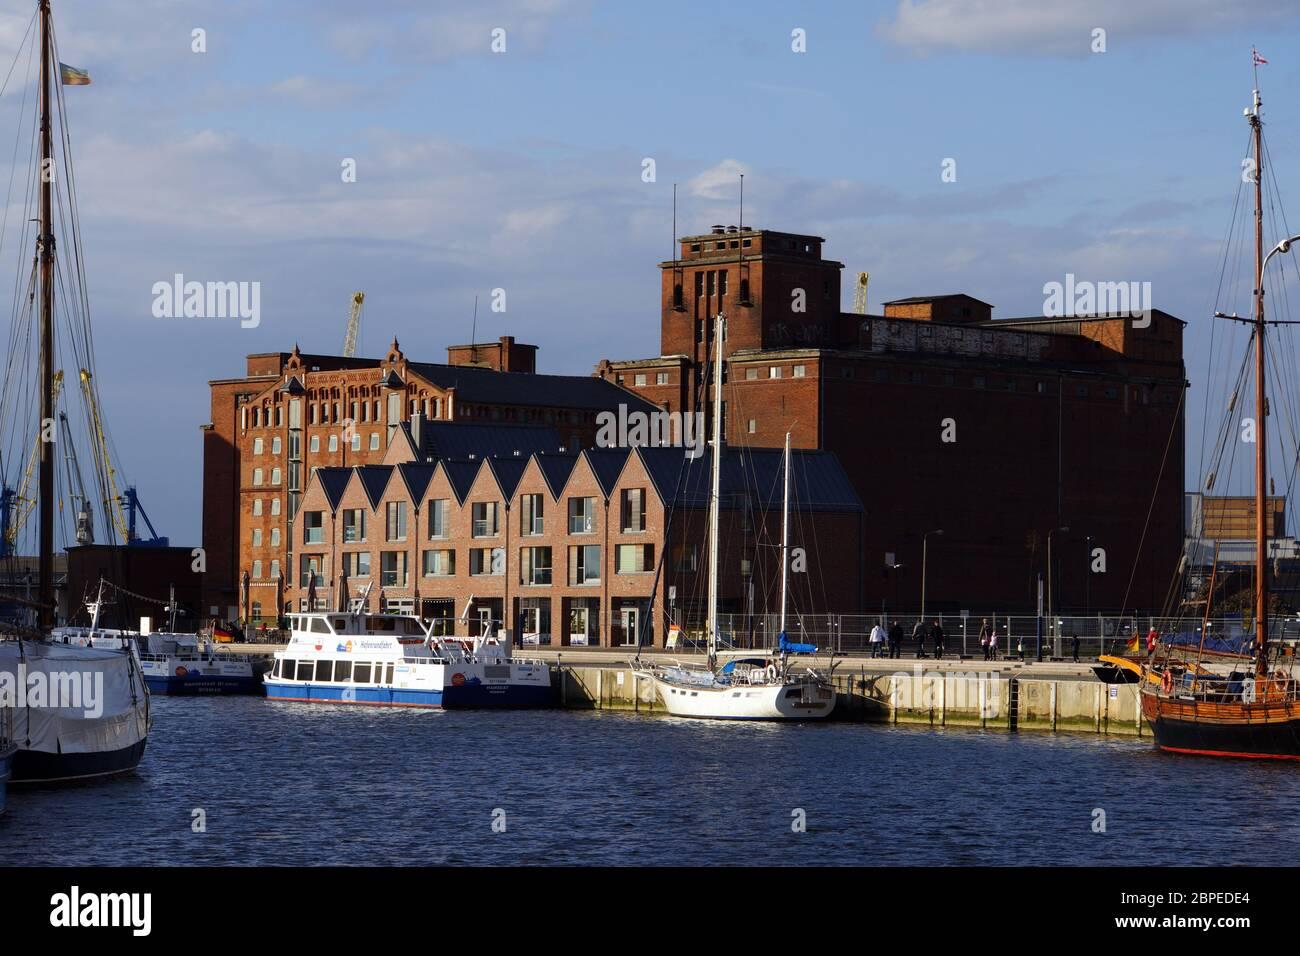 alter Hafen Wismar, Mecklenburg-Vorpommern, Deutschland Stock Photo